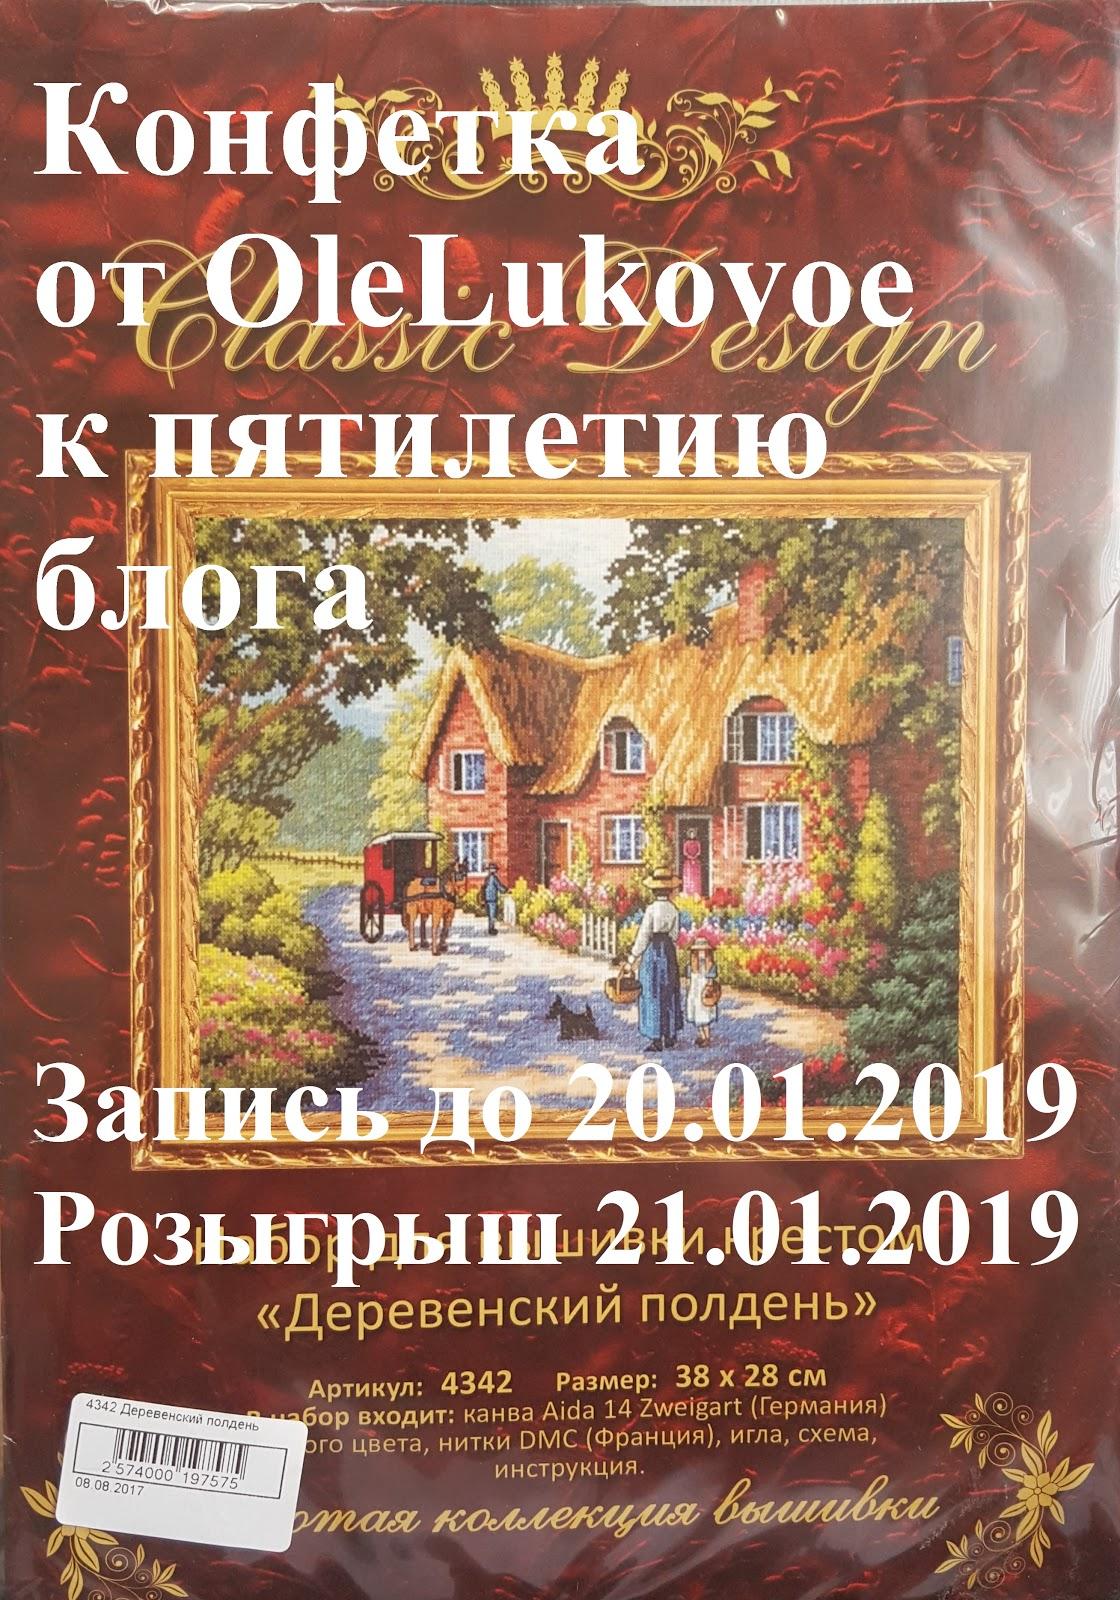 Конфетка №1 от Olelukovoe к пятилетию блога